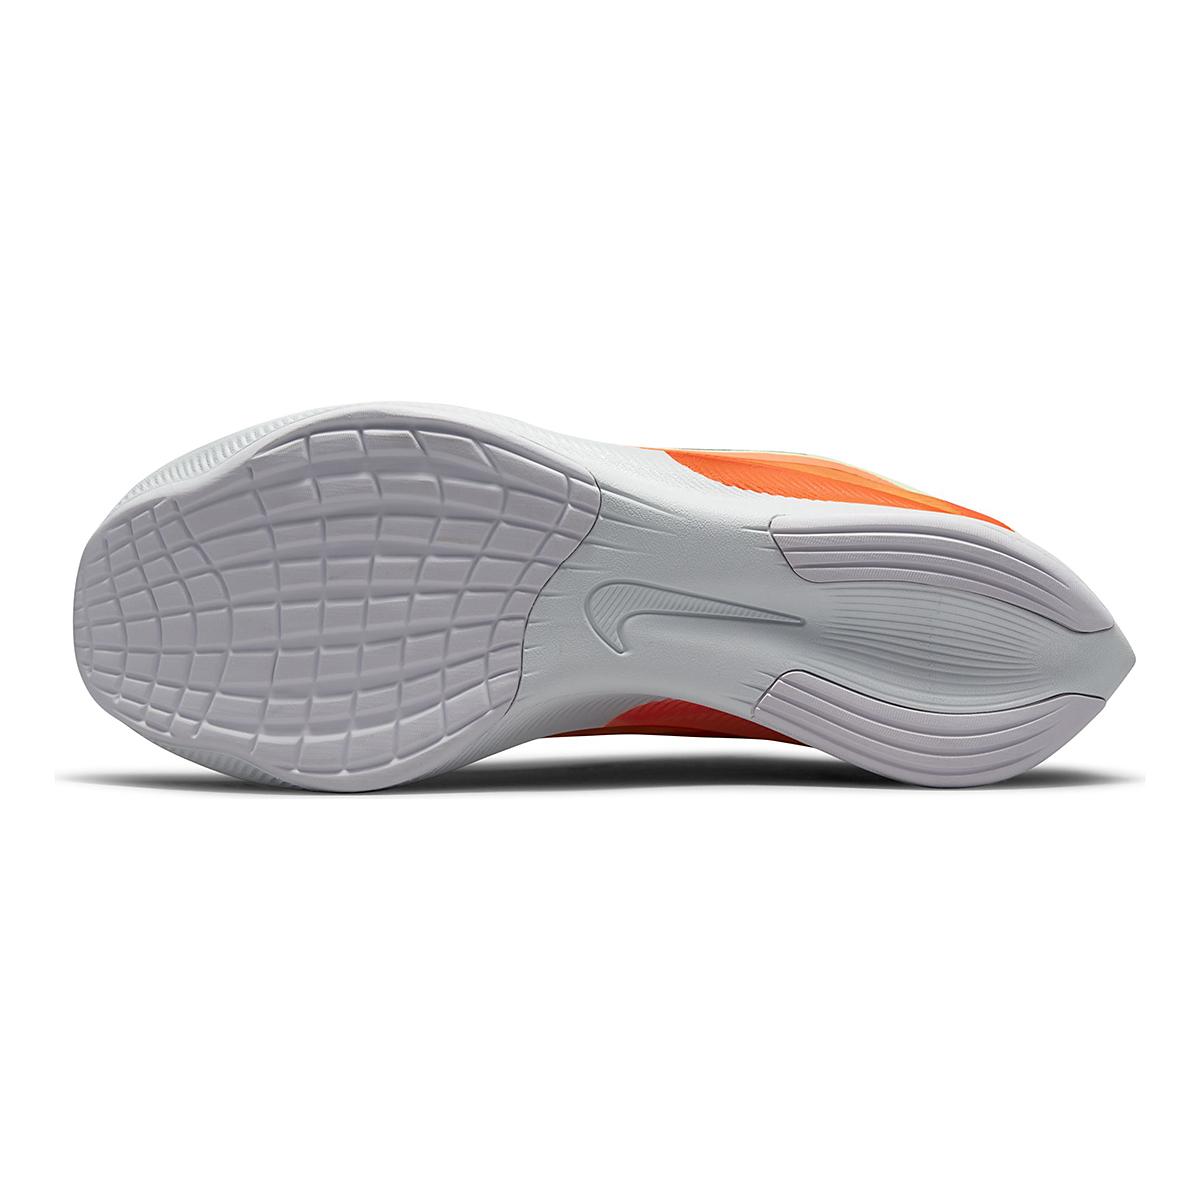 Men's Nike Zoom Fly 4 Running Shoe - Color: Barely Volt/Black/Hyper Orange - Size: 6 - Width: Regular, Barely Volt/Black/Hyper Orange, large, image 7